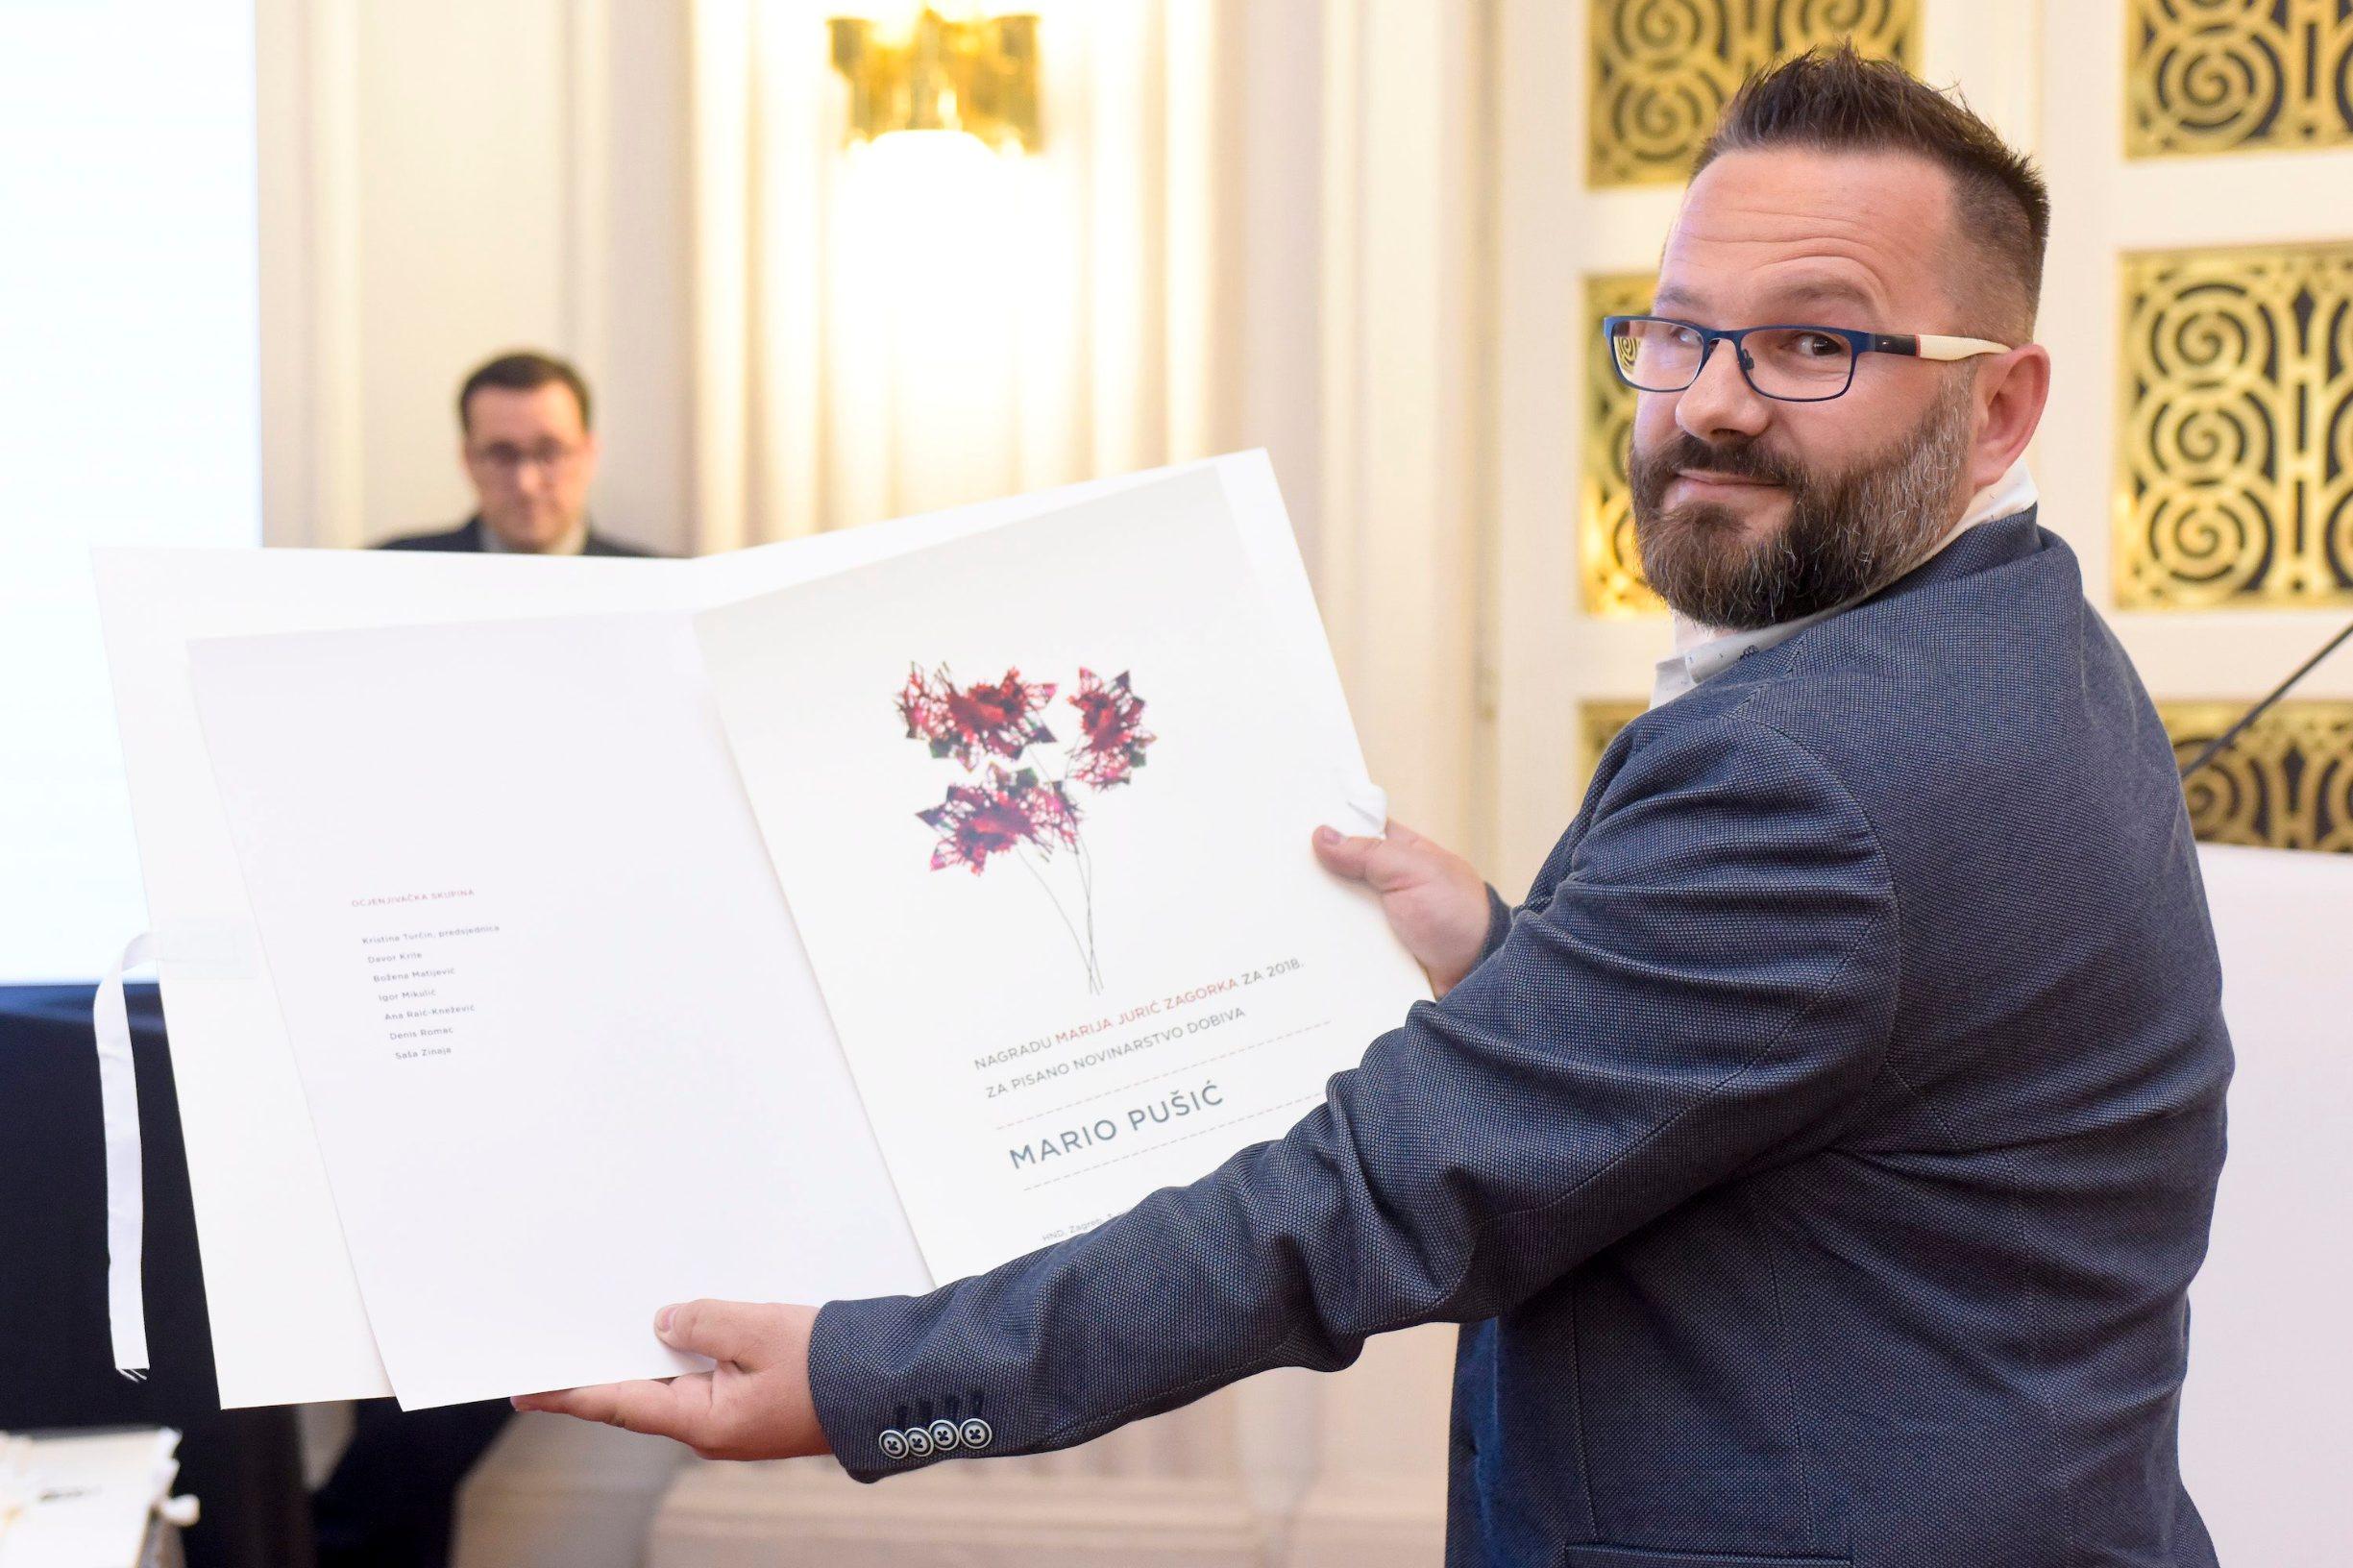 Mario Pušić